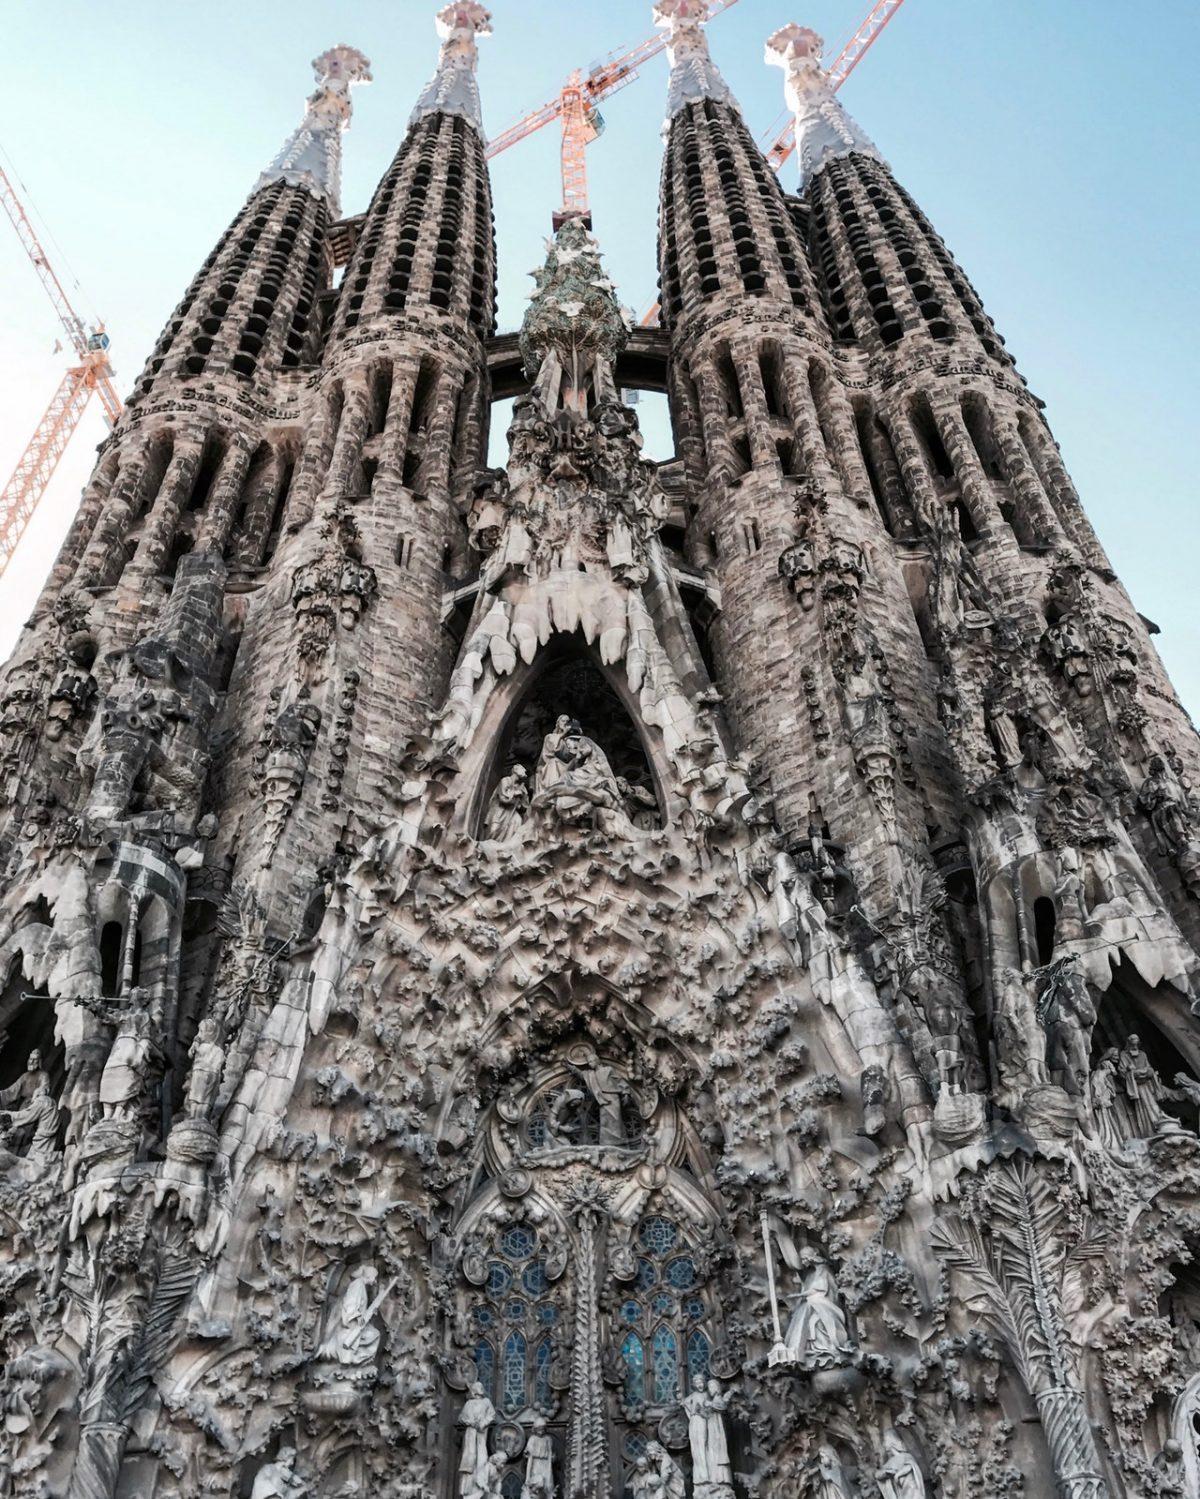 Majestic image of the church, Sagrada Familia